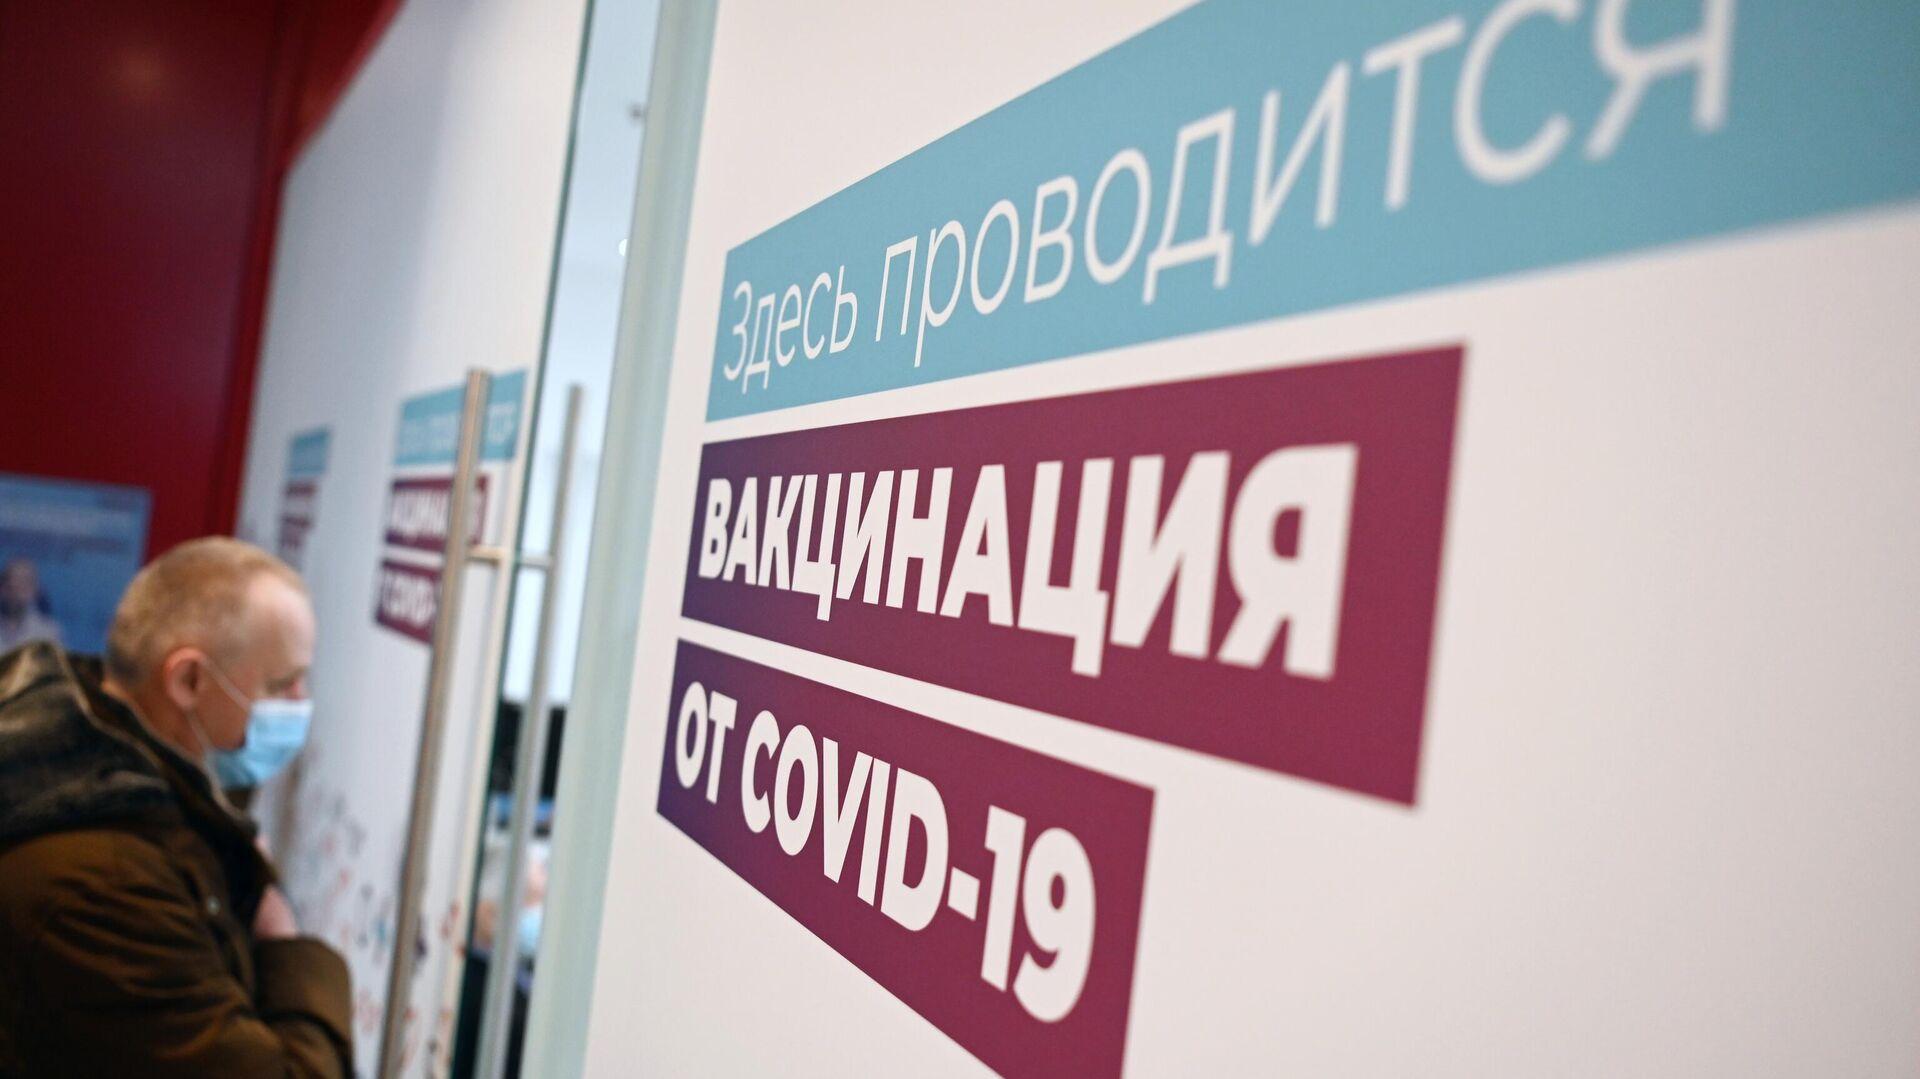 Вакцинация от COVID-19 в ТЦ Кунцево Плаза - РИА Новости, 1920, 22.03.2021